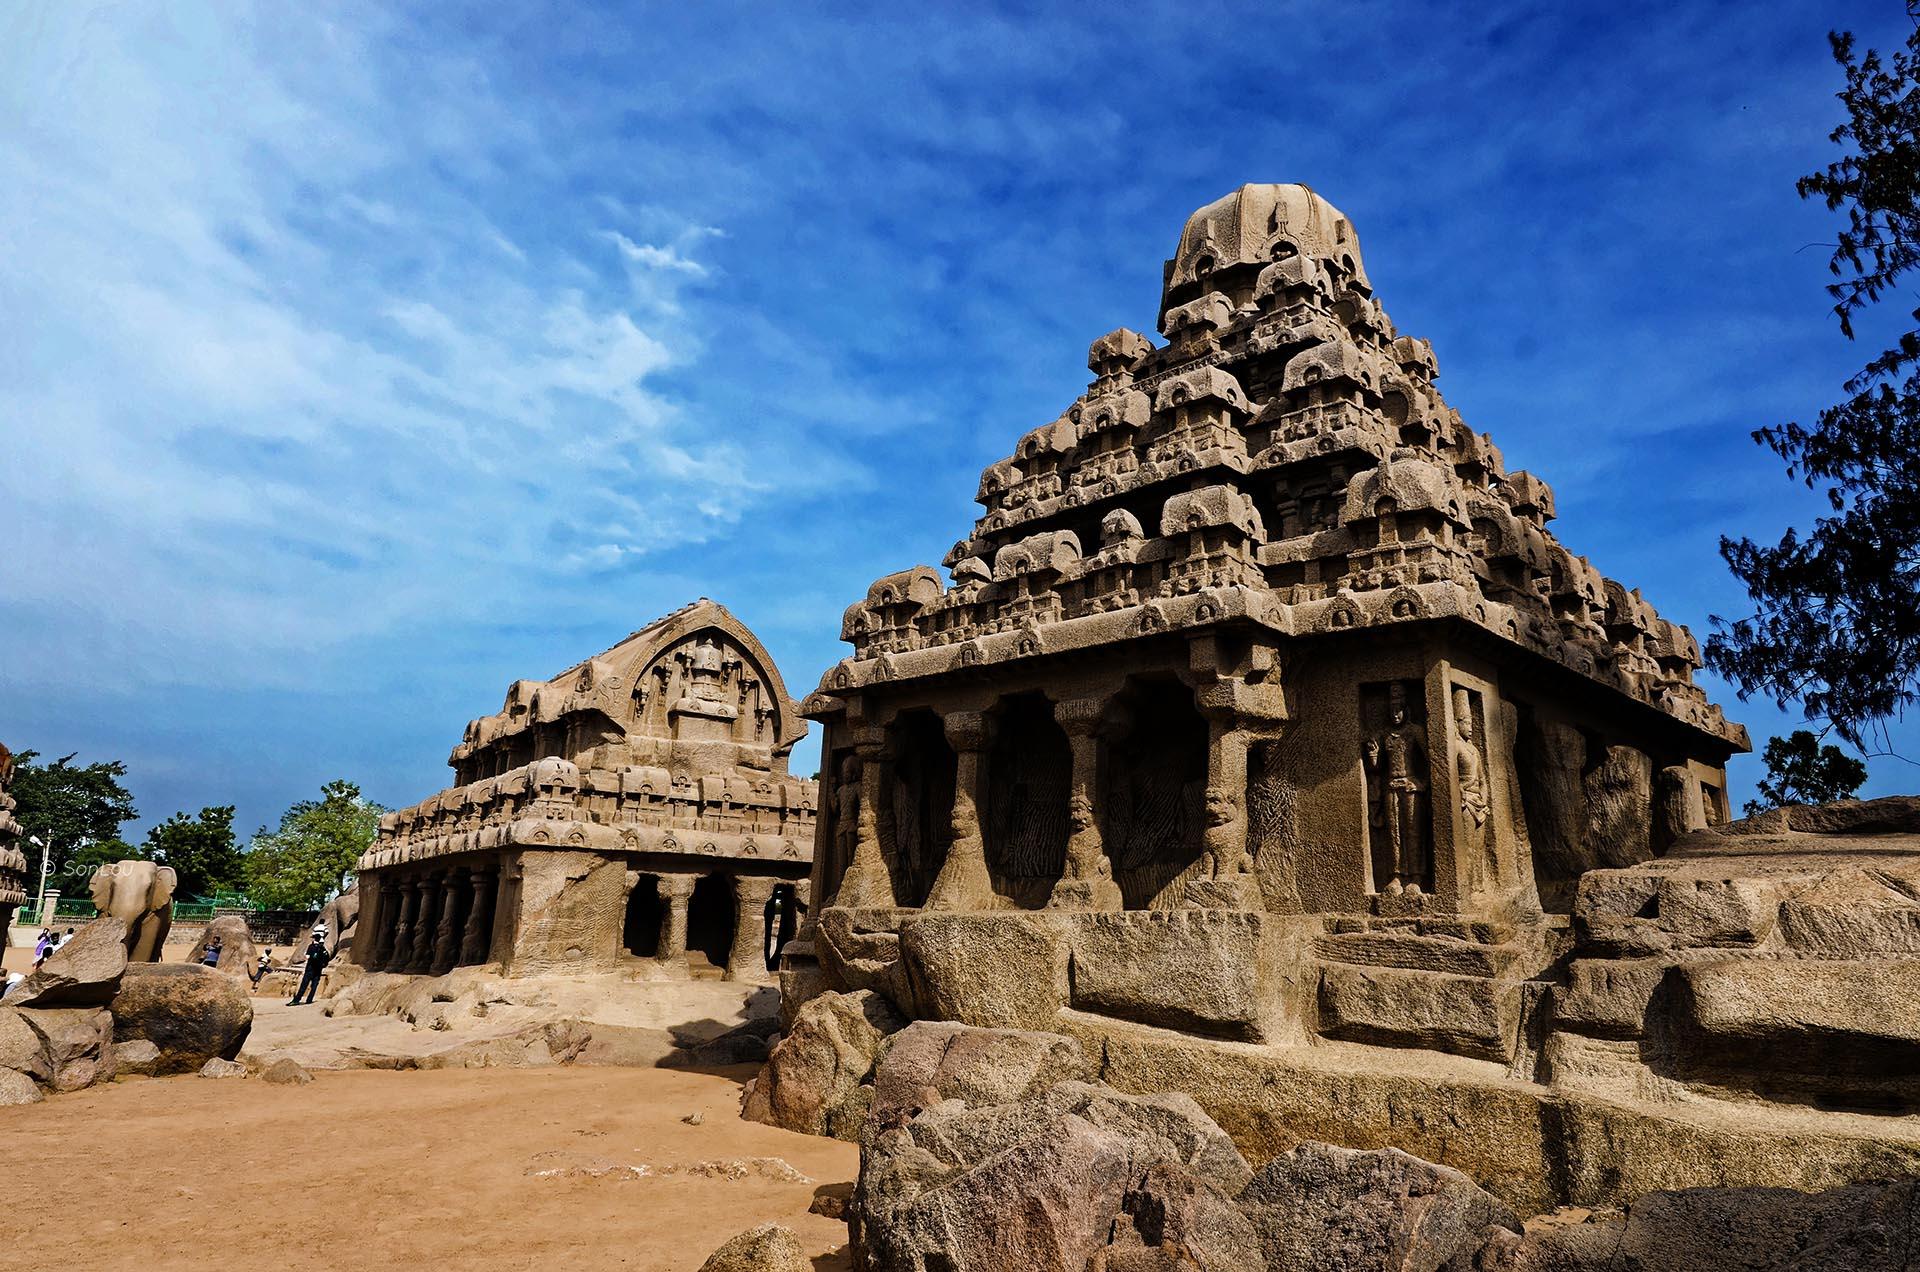 Mahabalipuram 5 rathas